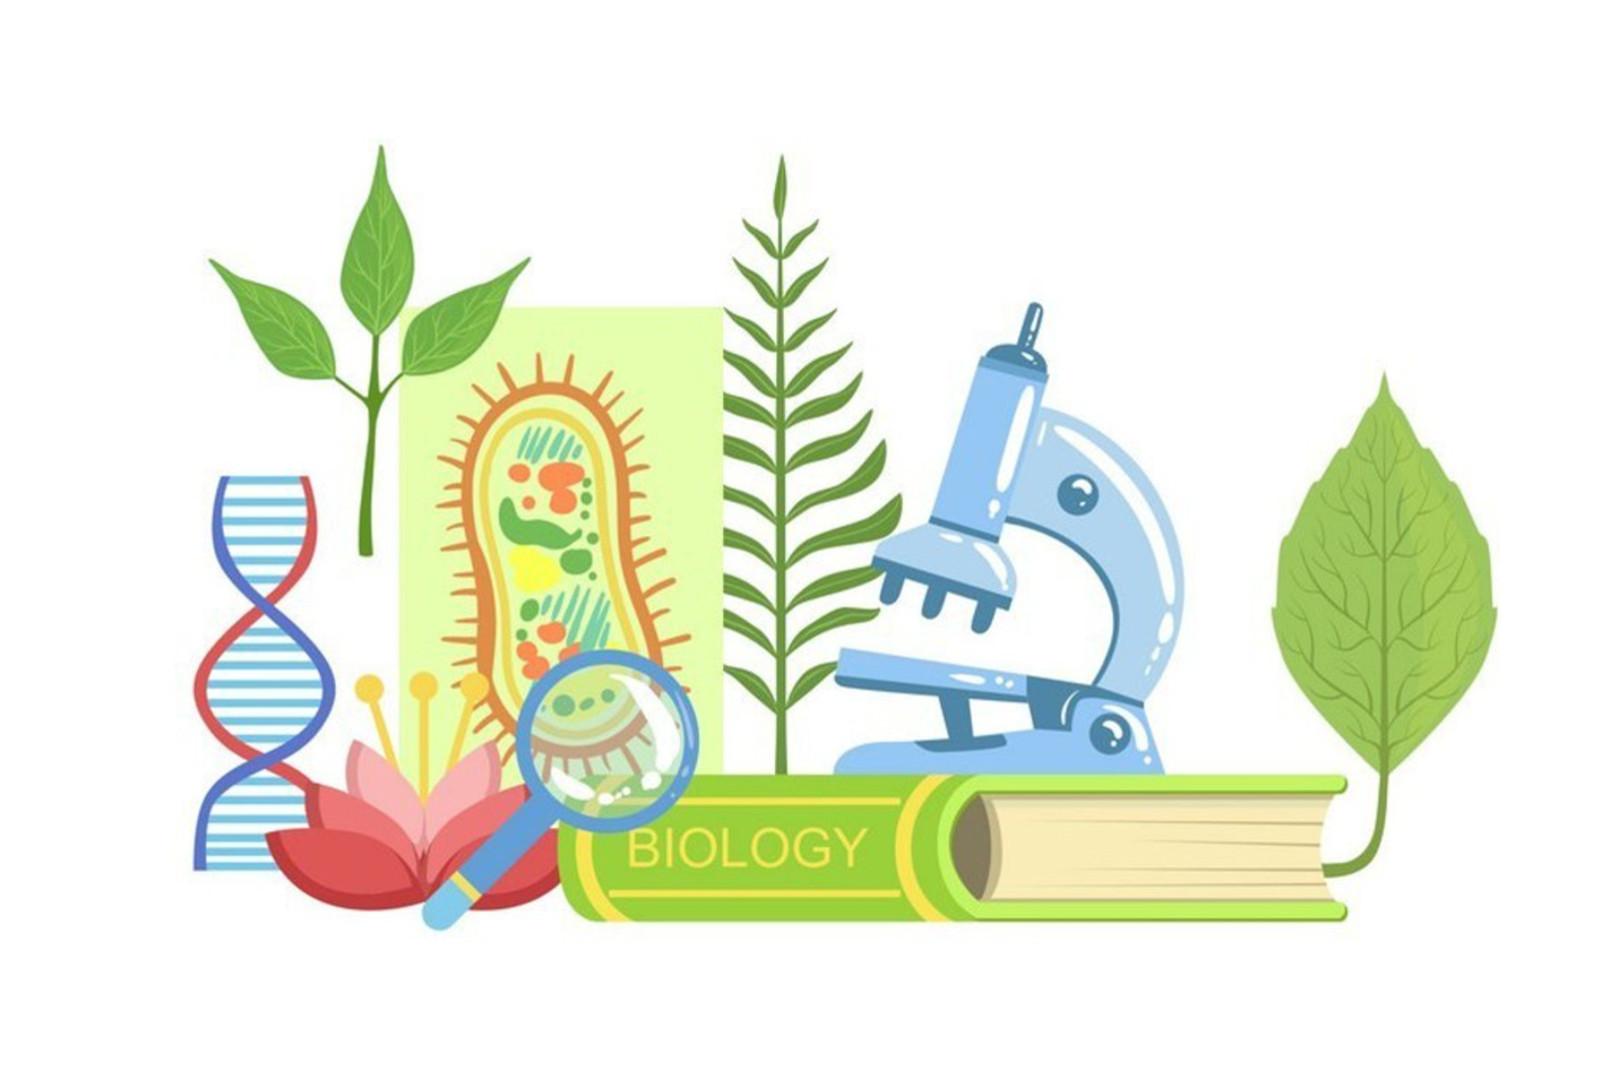 Книга по биология, микроскоп, лупа, литься растений